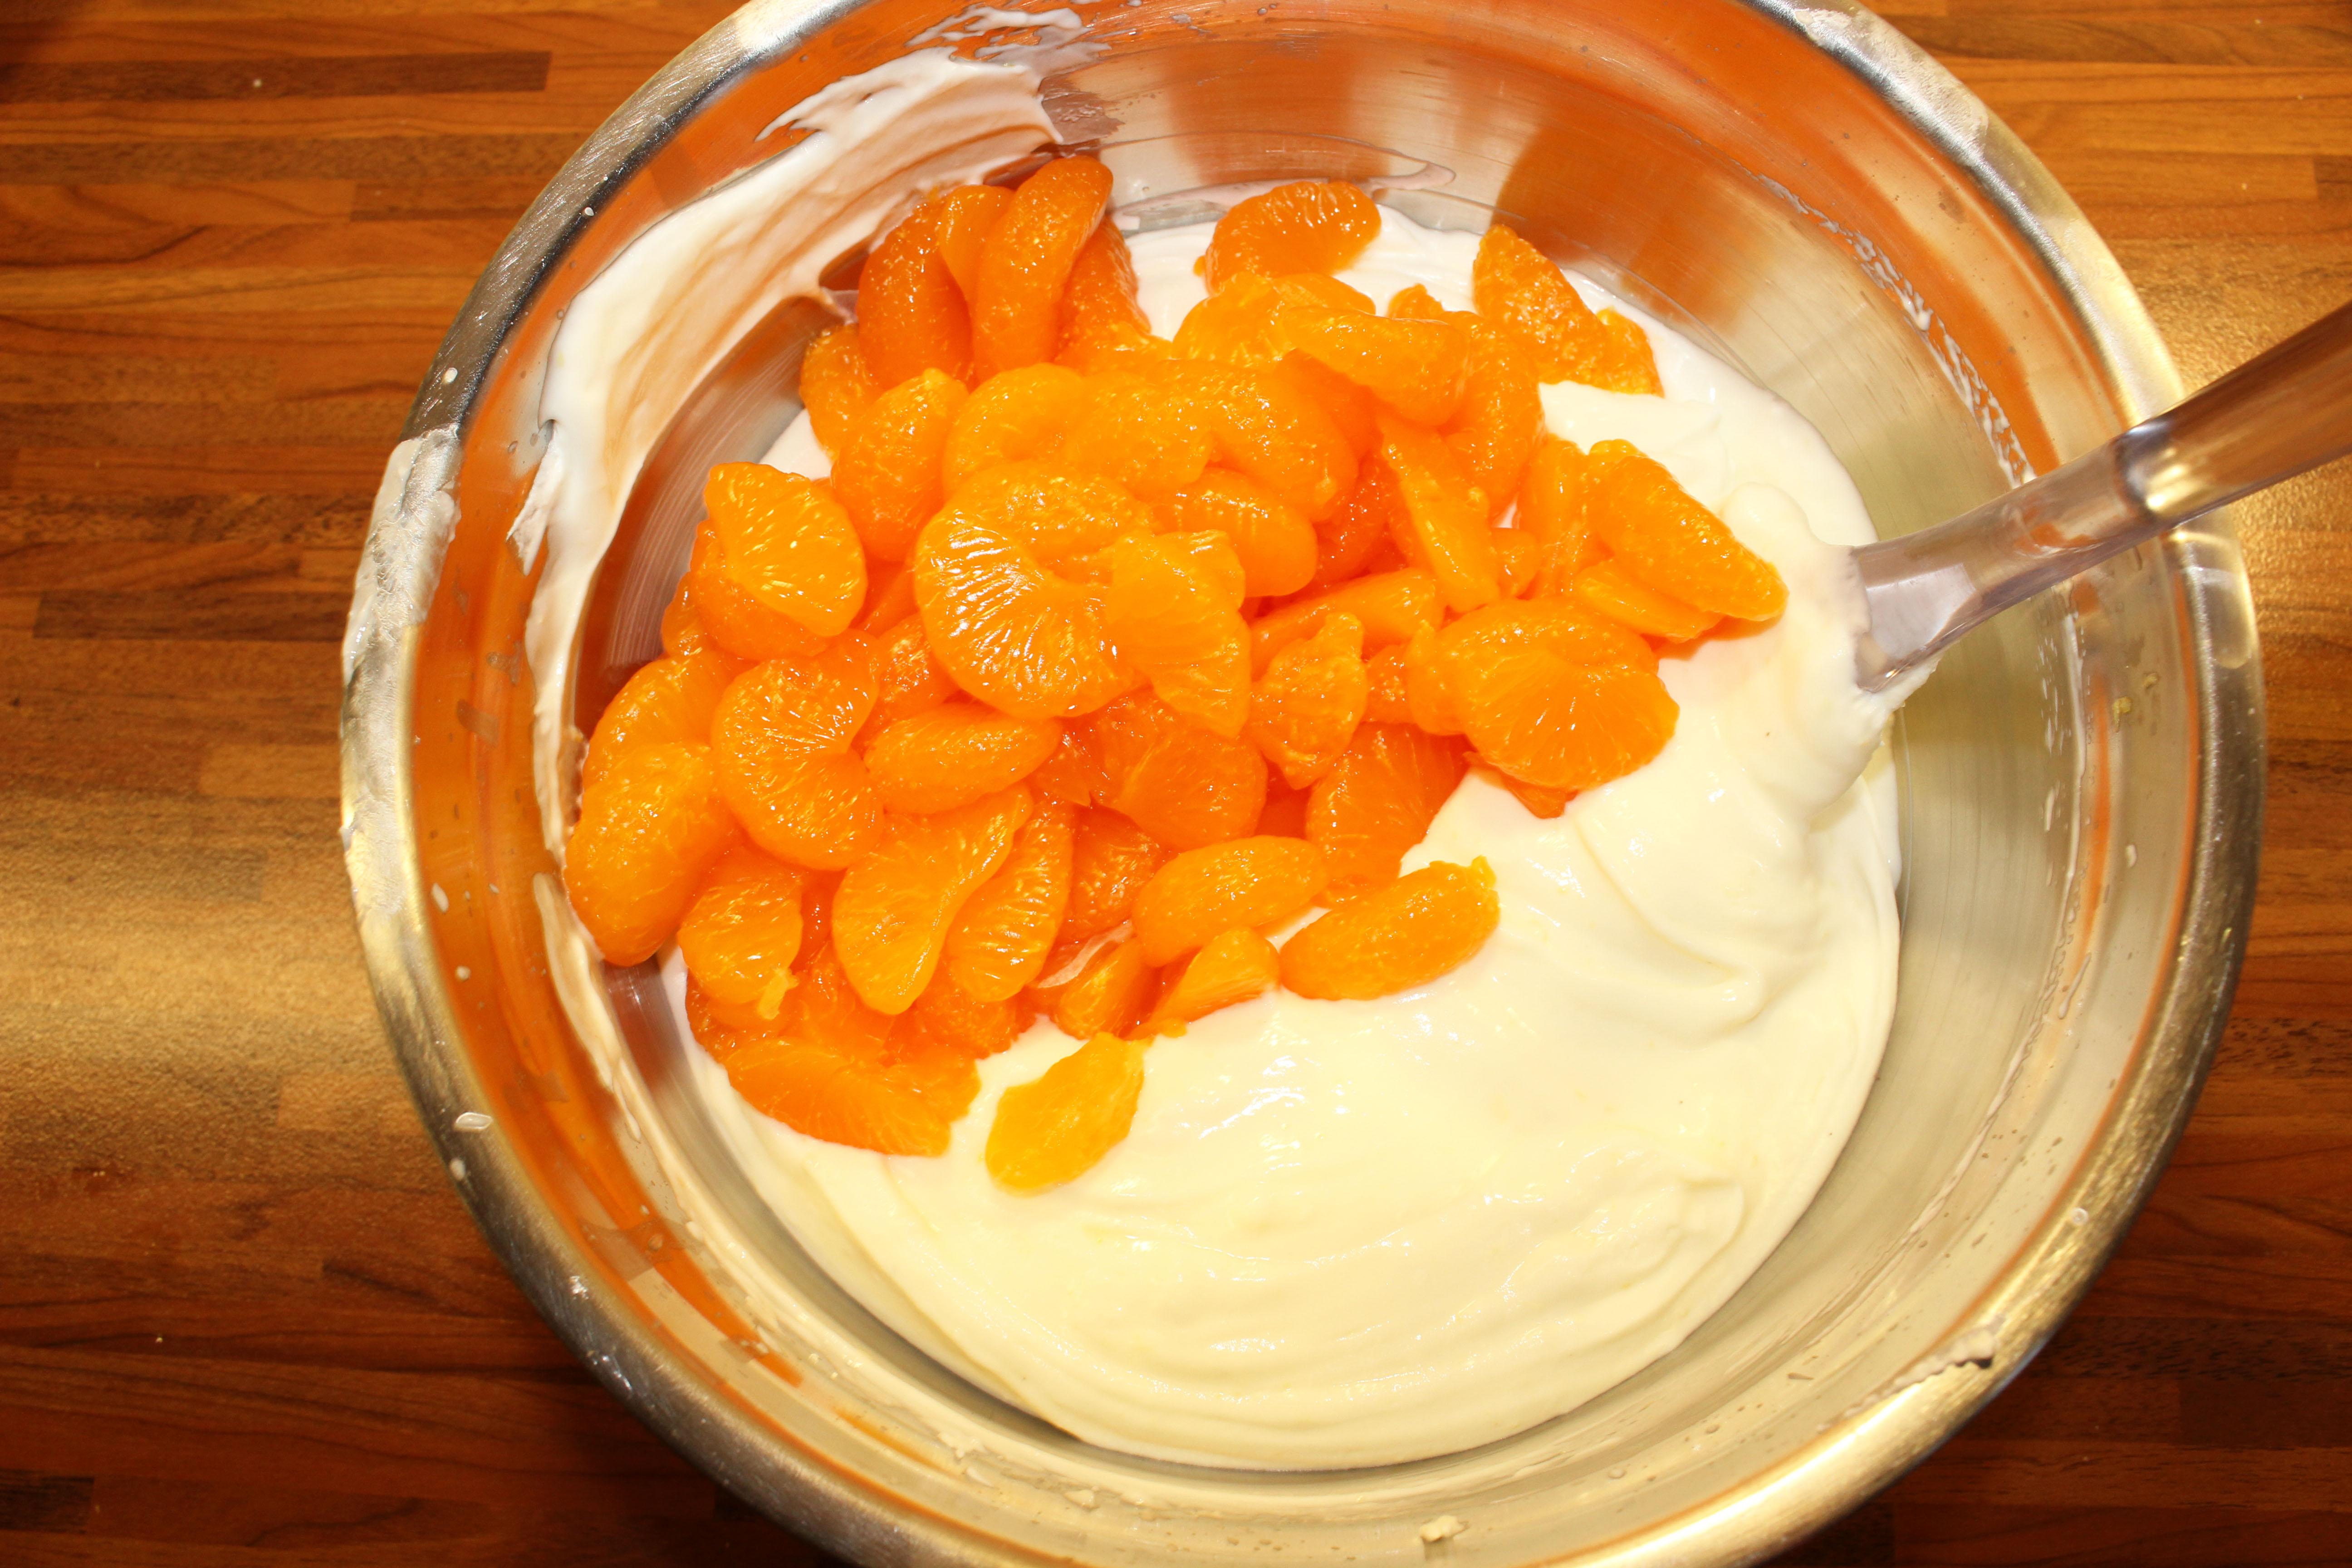 Kuchen Mit Foto kuchen mit mandarinen aus der dose beliebte rezepte für kuchen und gebäck foto